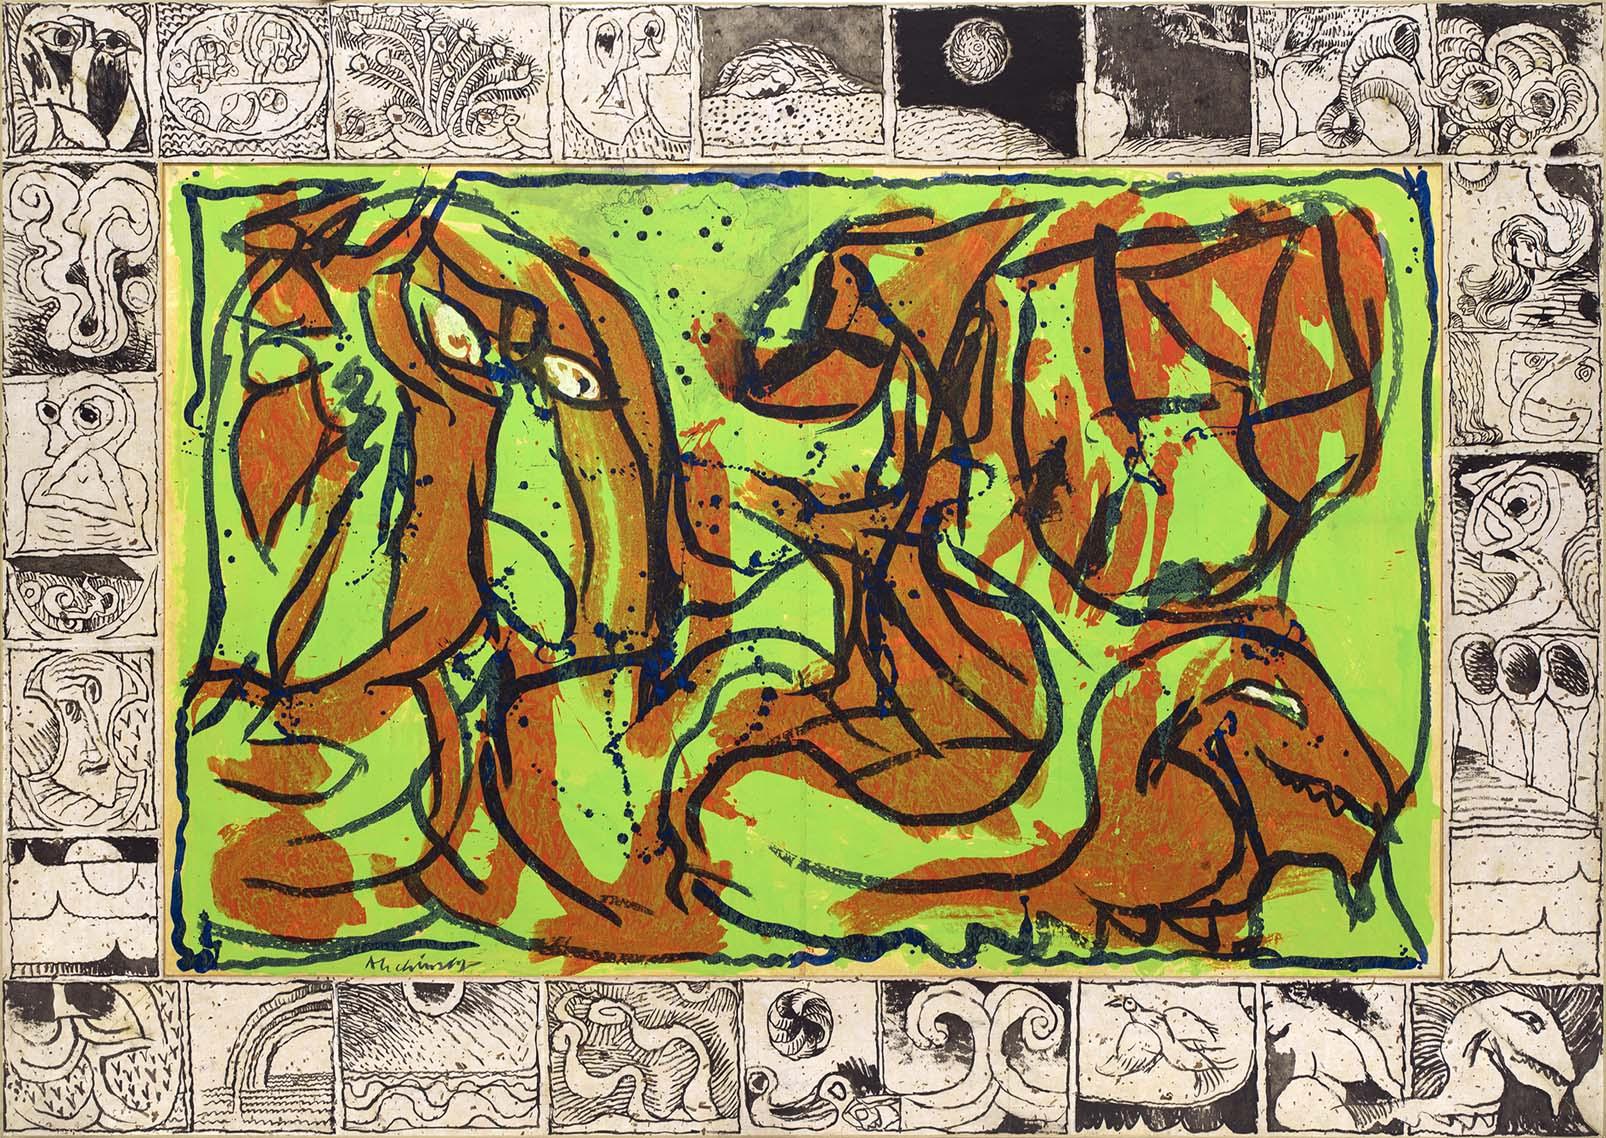 L'or Du Rien Une Œuvre De Pierre Alechinsky intérieur Oeuvre Alechinsky